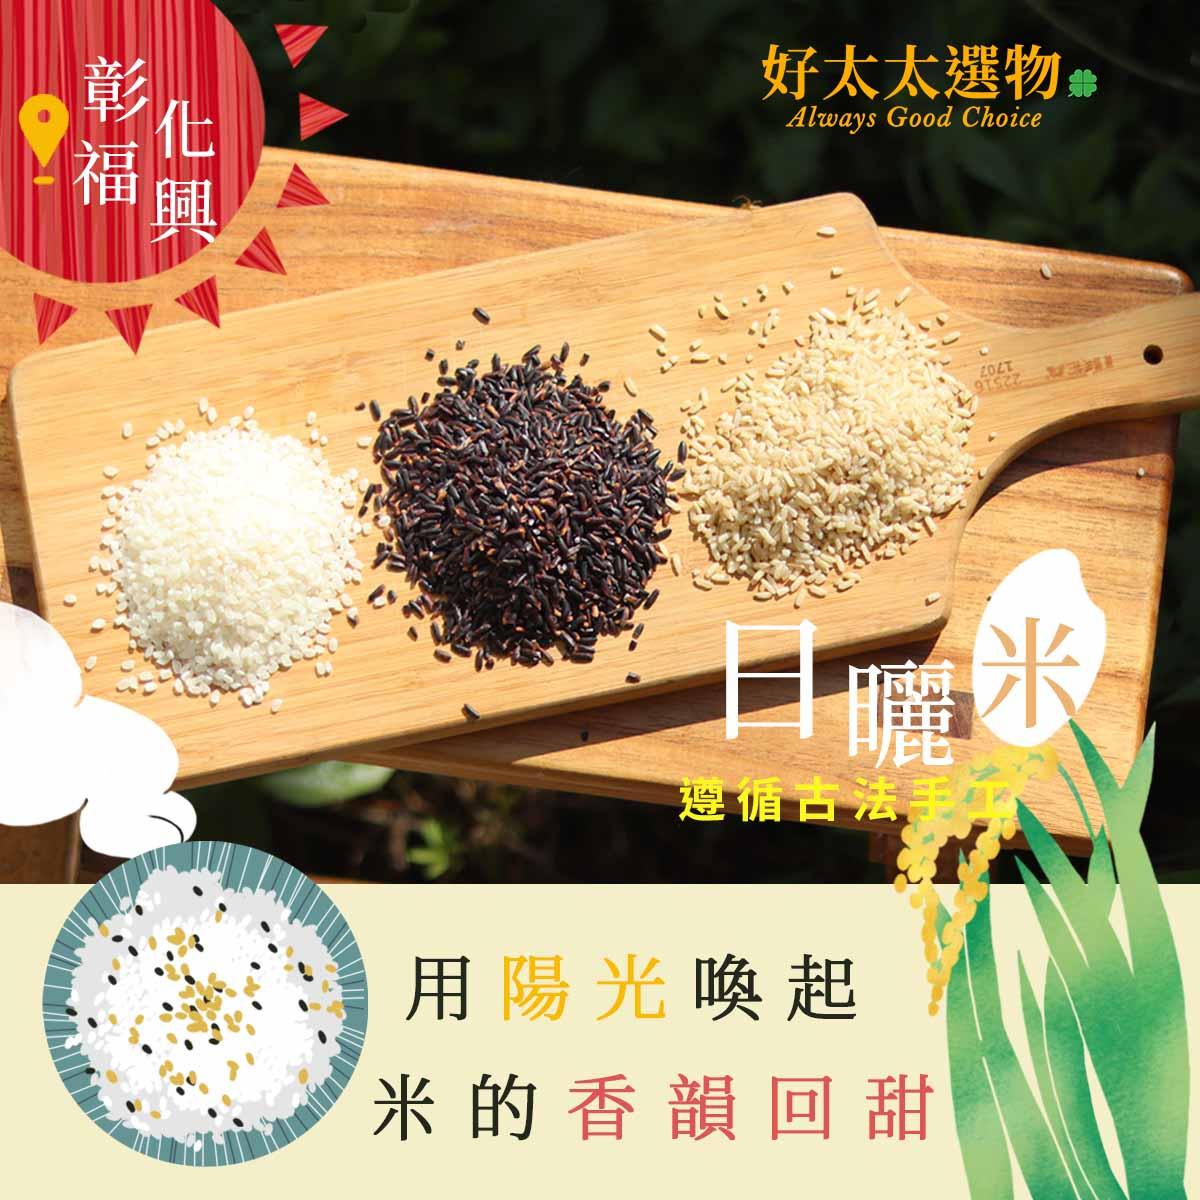 【福興高照】 傳統古法日曬米,用陽光喚起,米的香韻回甜。